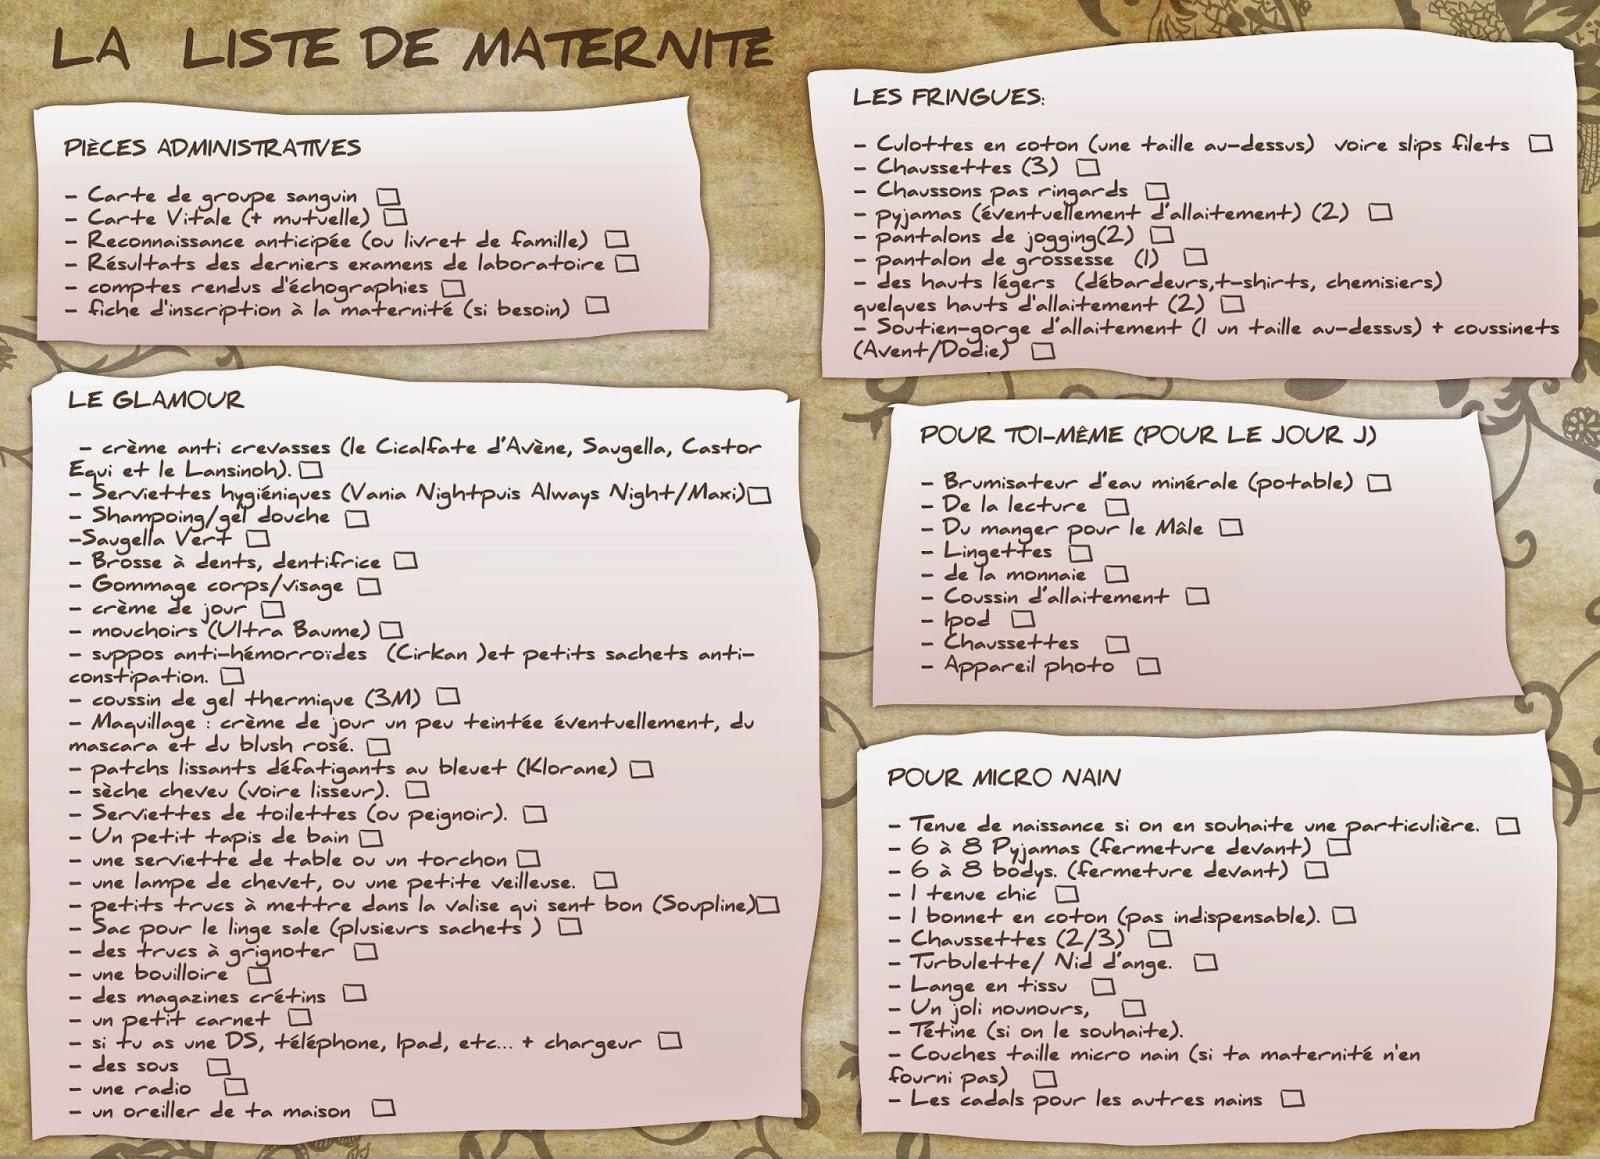 checkliste de la valise maternité : préparer son sac pour la maternité